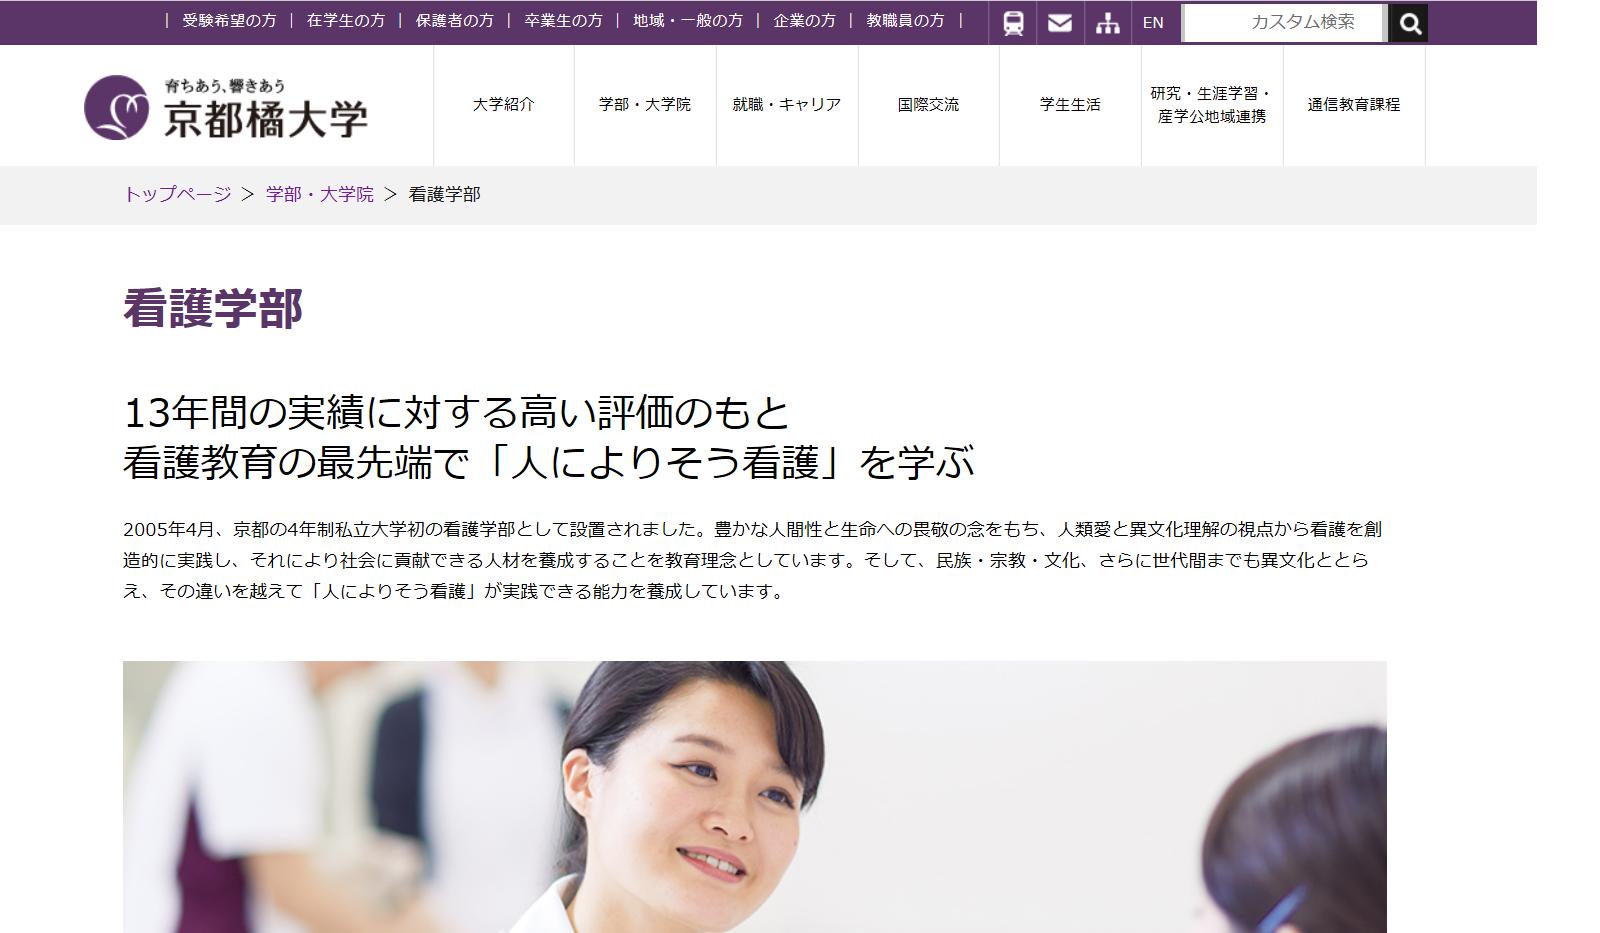 京都橘大学の評判・口コミ【看護学部編】